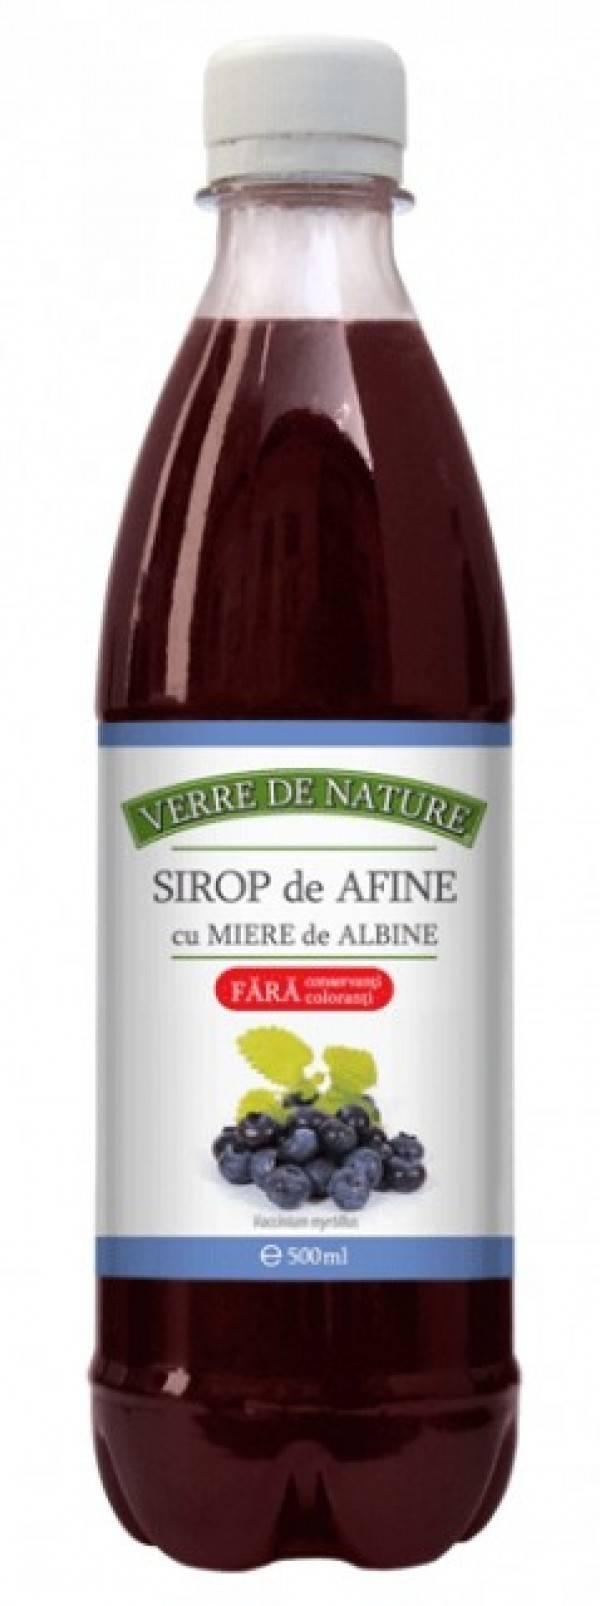 Sirop Afine